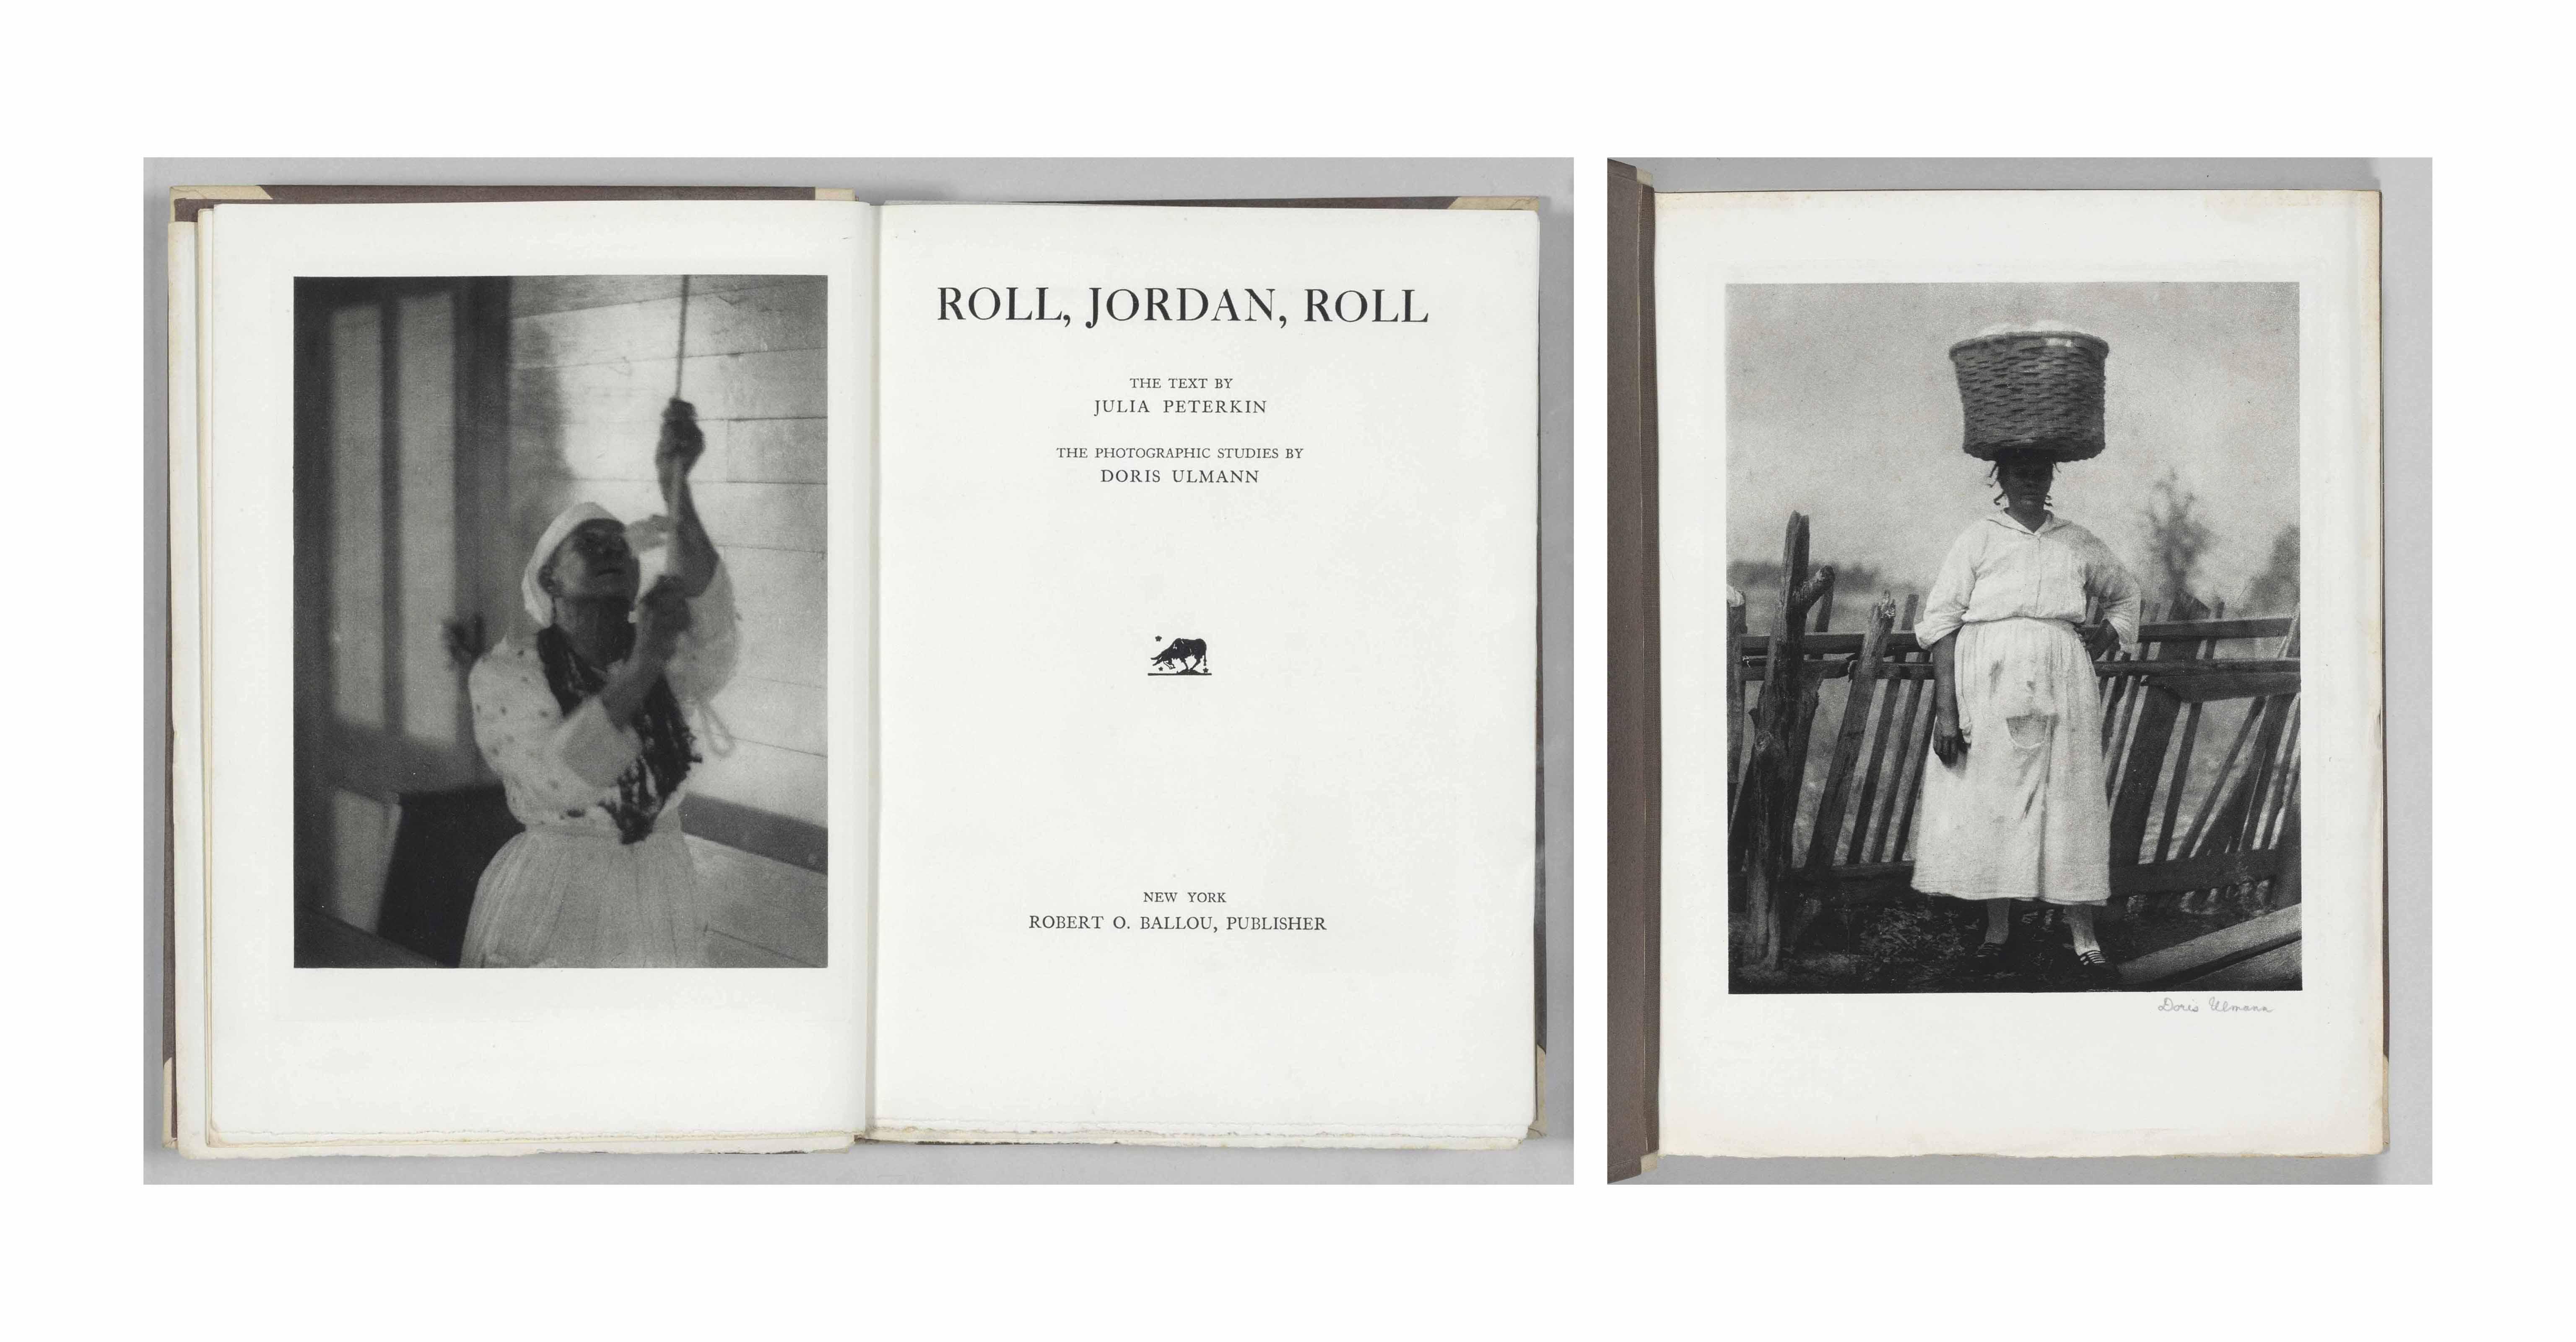 ULMANN, Doris (1882-1934). Julia PETERKIN, text (1880-1961). Roll, Jordan, Roll. New York: Robert O. Ballou, 1933.